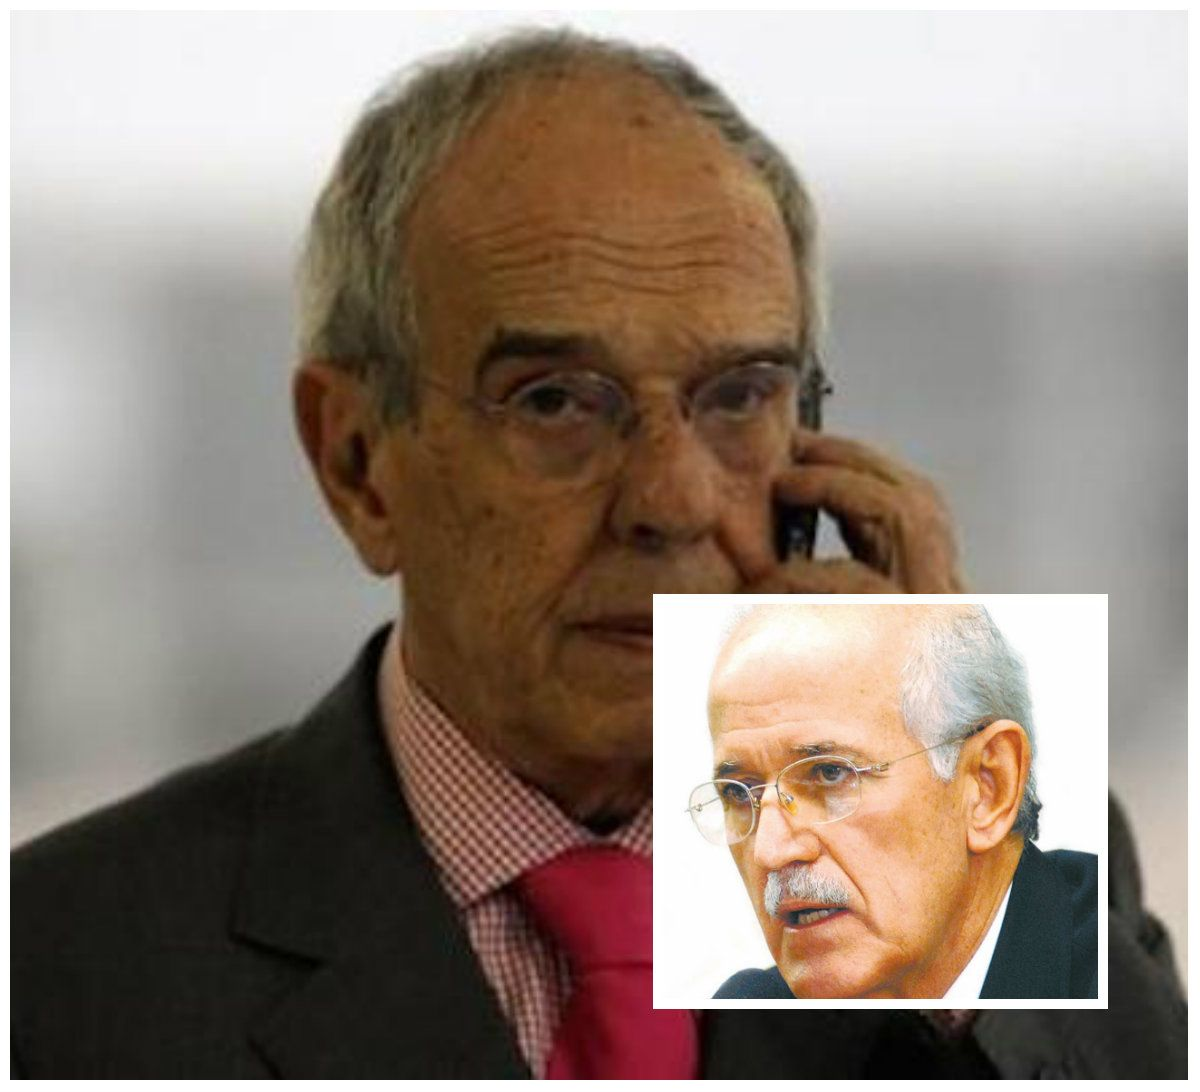 Assim que assumiu o Ministério da Justiça, Márcio Thomas Bastos convidou Paulo Lacerda para o cargo de diretor da Polícia Federal. E adotou o critério de trabalho de uma reunião diária com Lacerda às